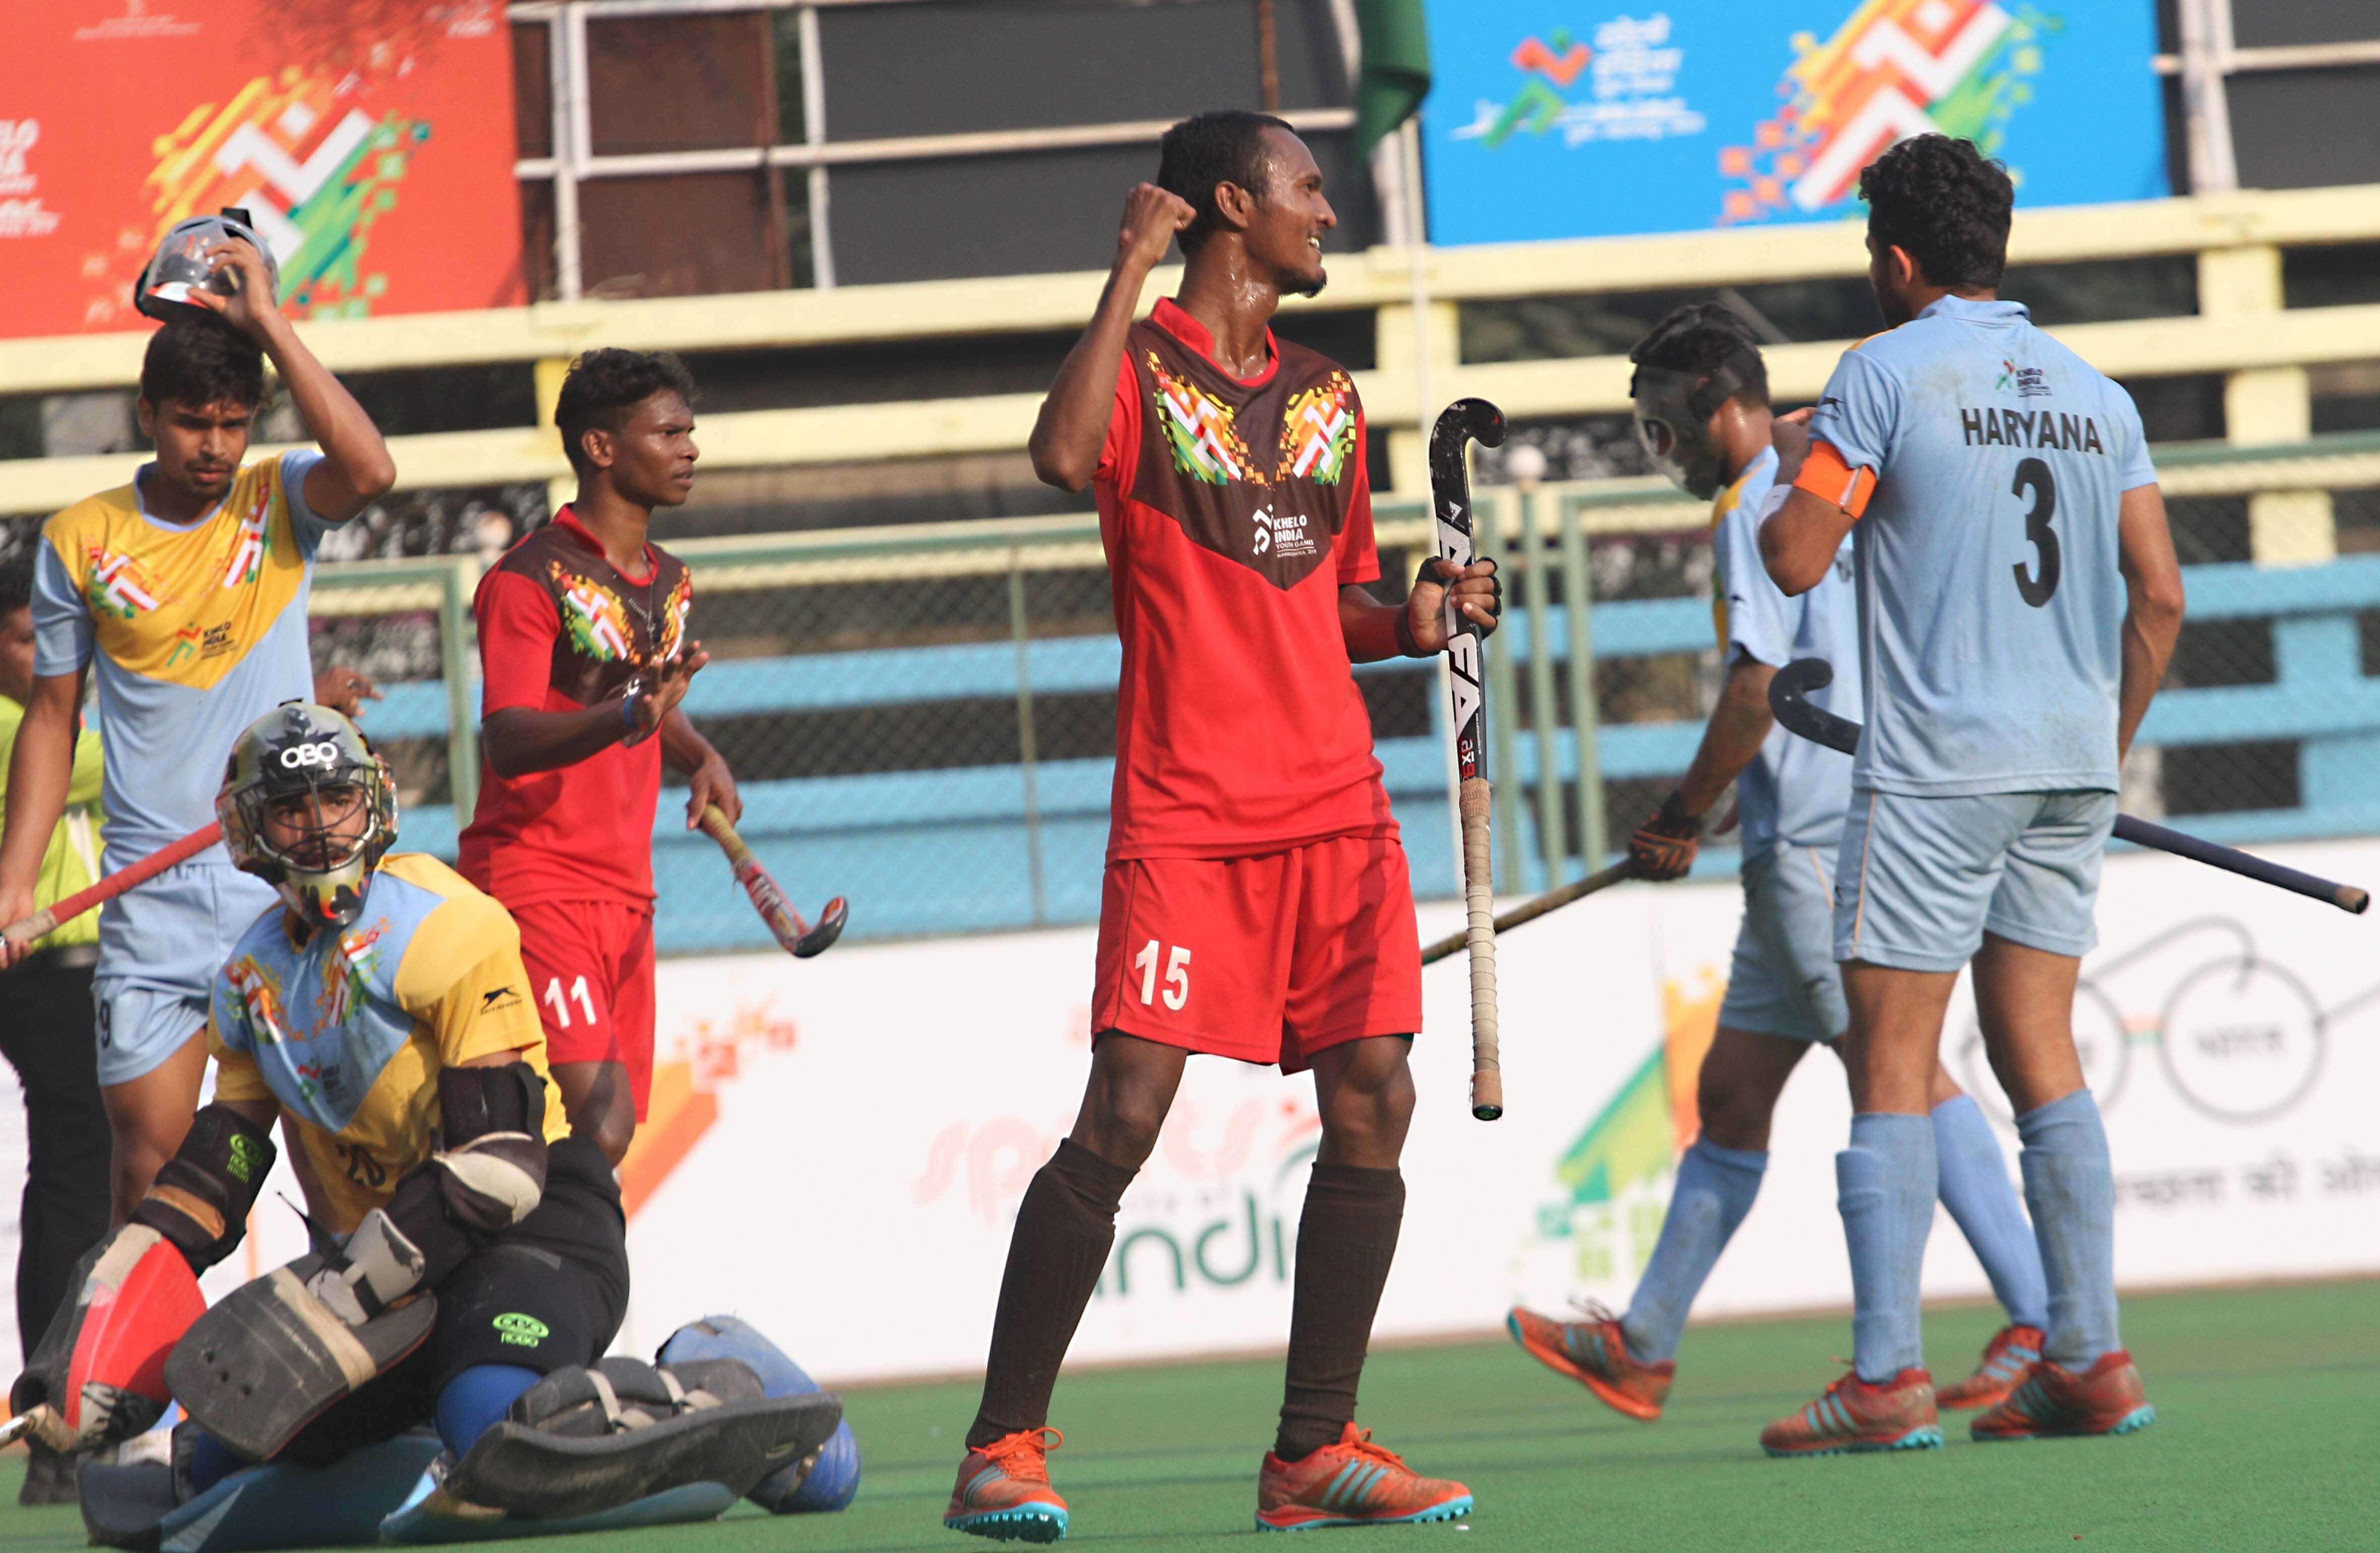 picture-2-odisha-vs-haryana-1548562731.jpg